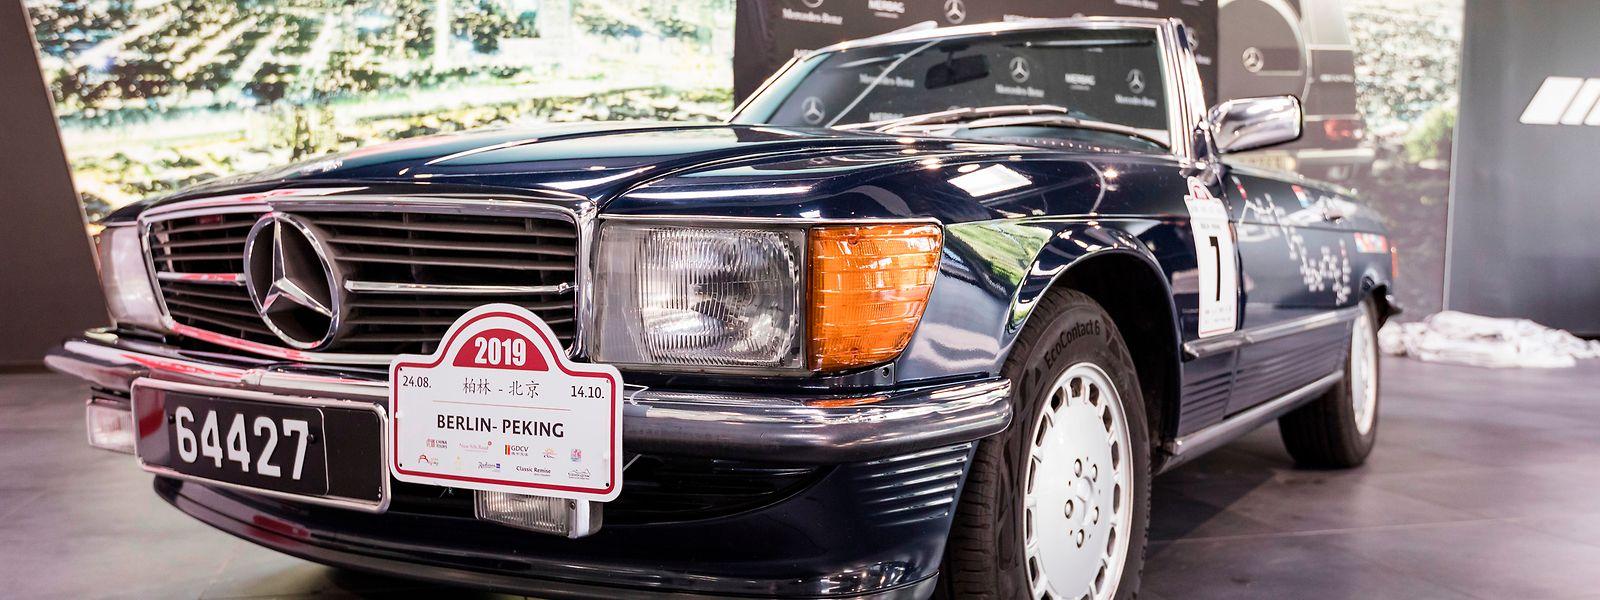 Der 30 Jahre alte Mercedes 300 SL wurde generalüberholt und ist in einem Topzustand.